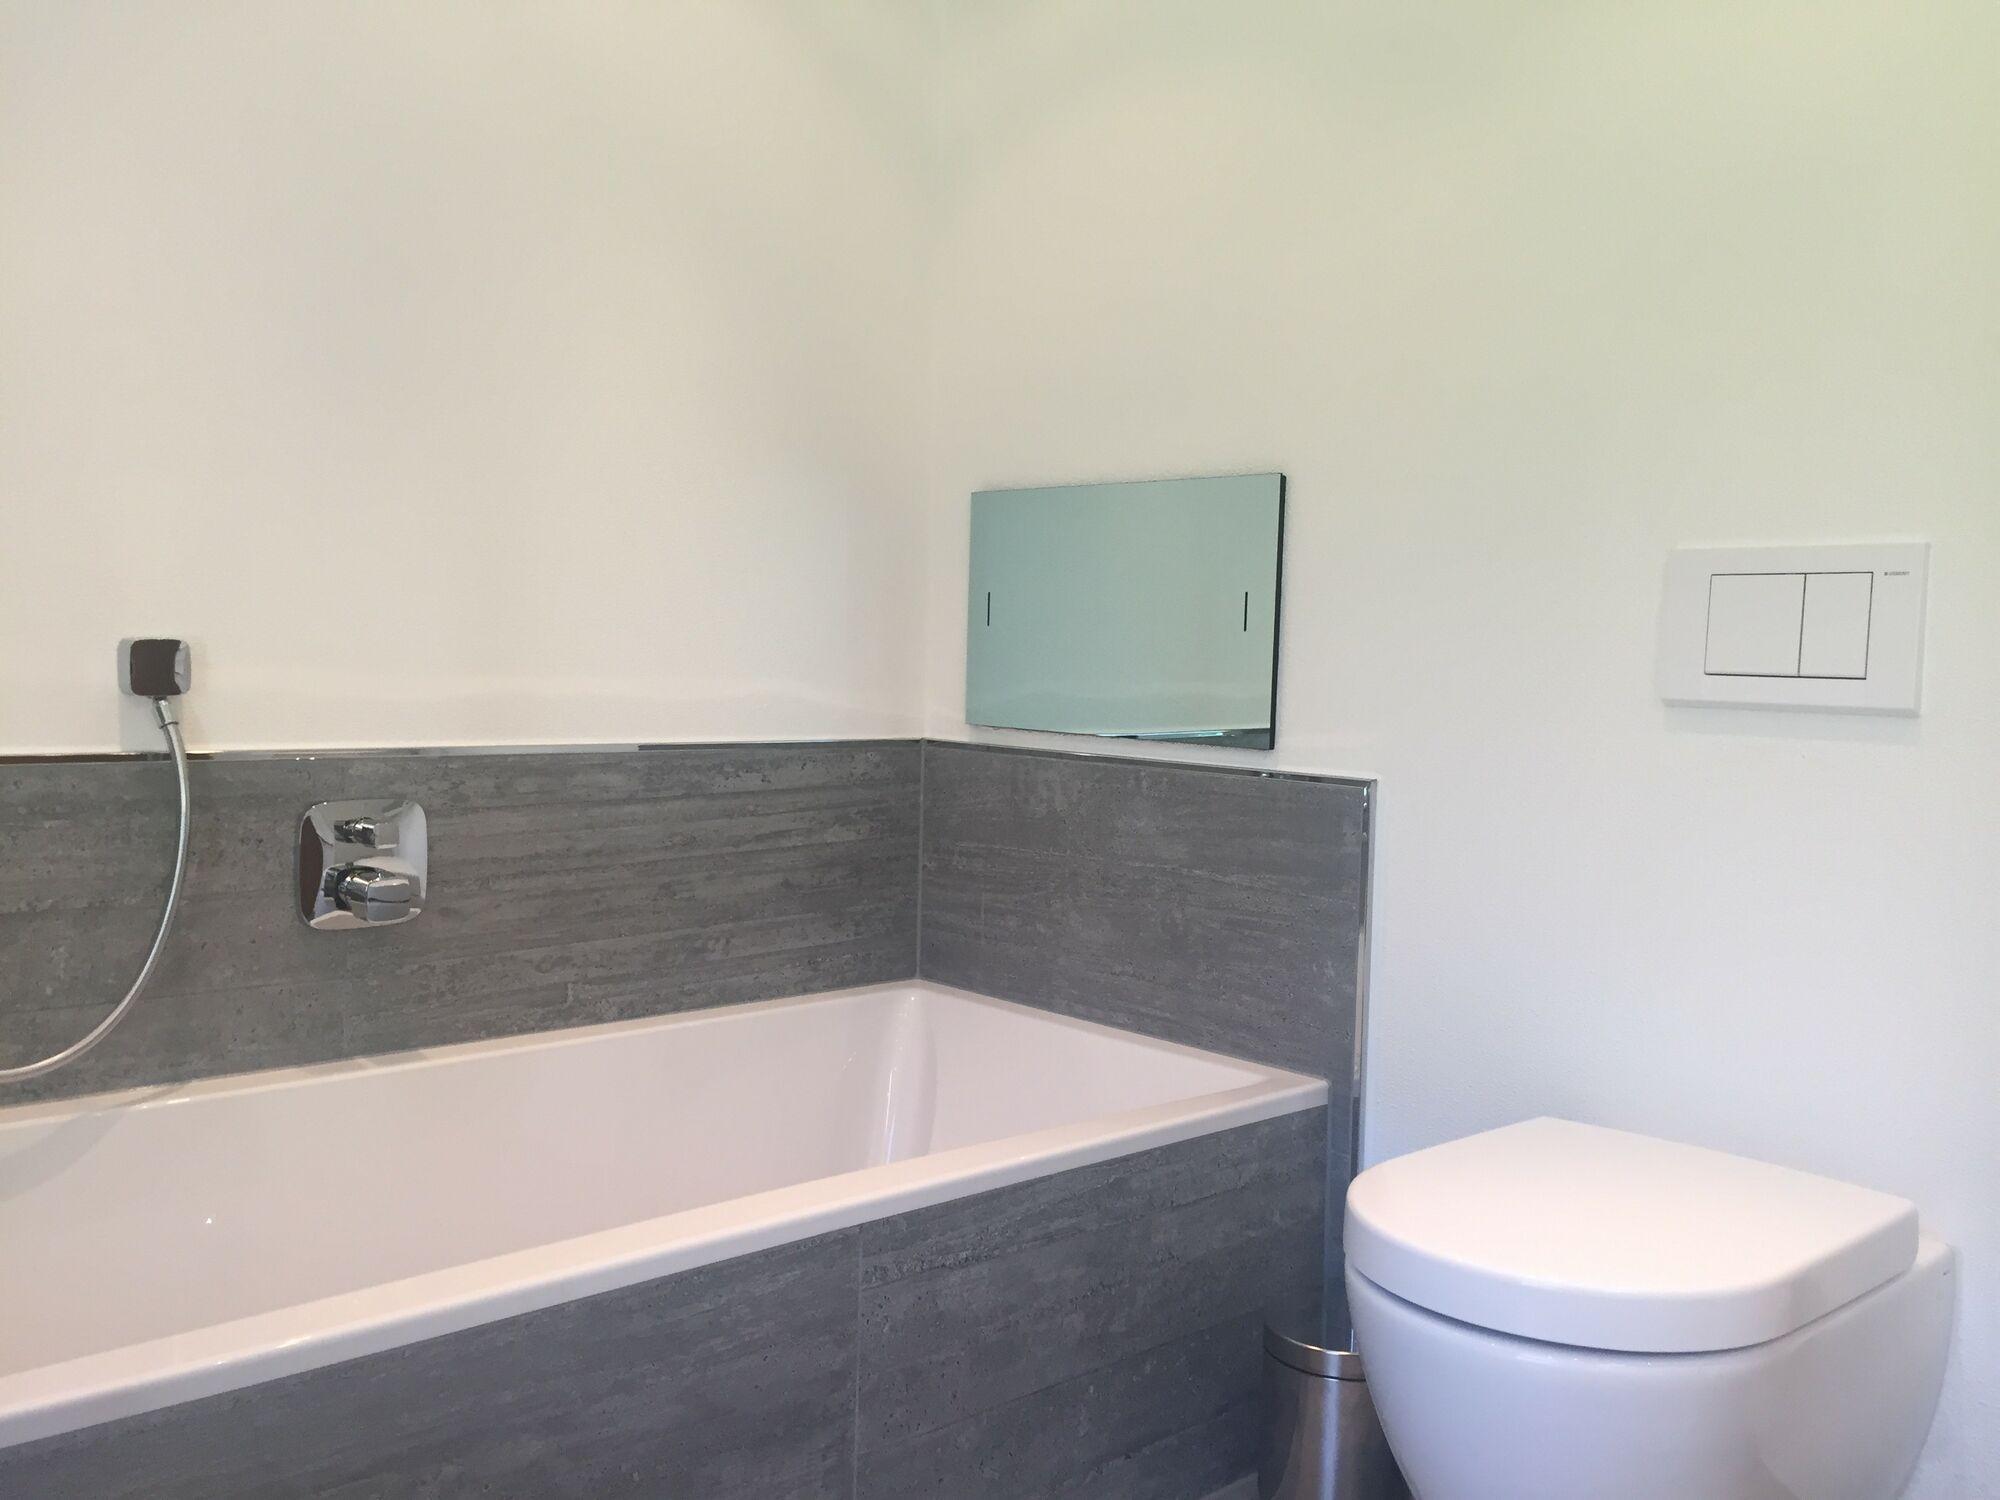 Wasserdichter spiegel led tv 19 zoll mit dvb c und dvb s2 tuner f r digital tv via ci modul - Vde 0100 badezimmer ...